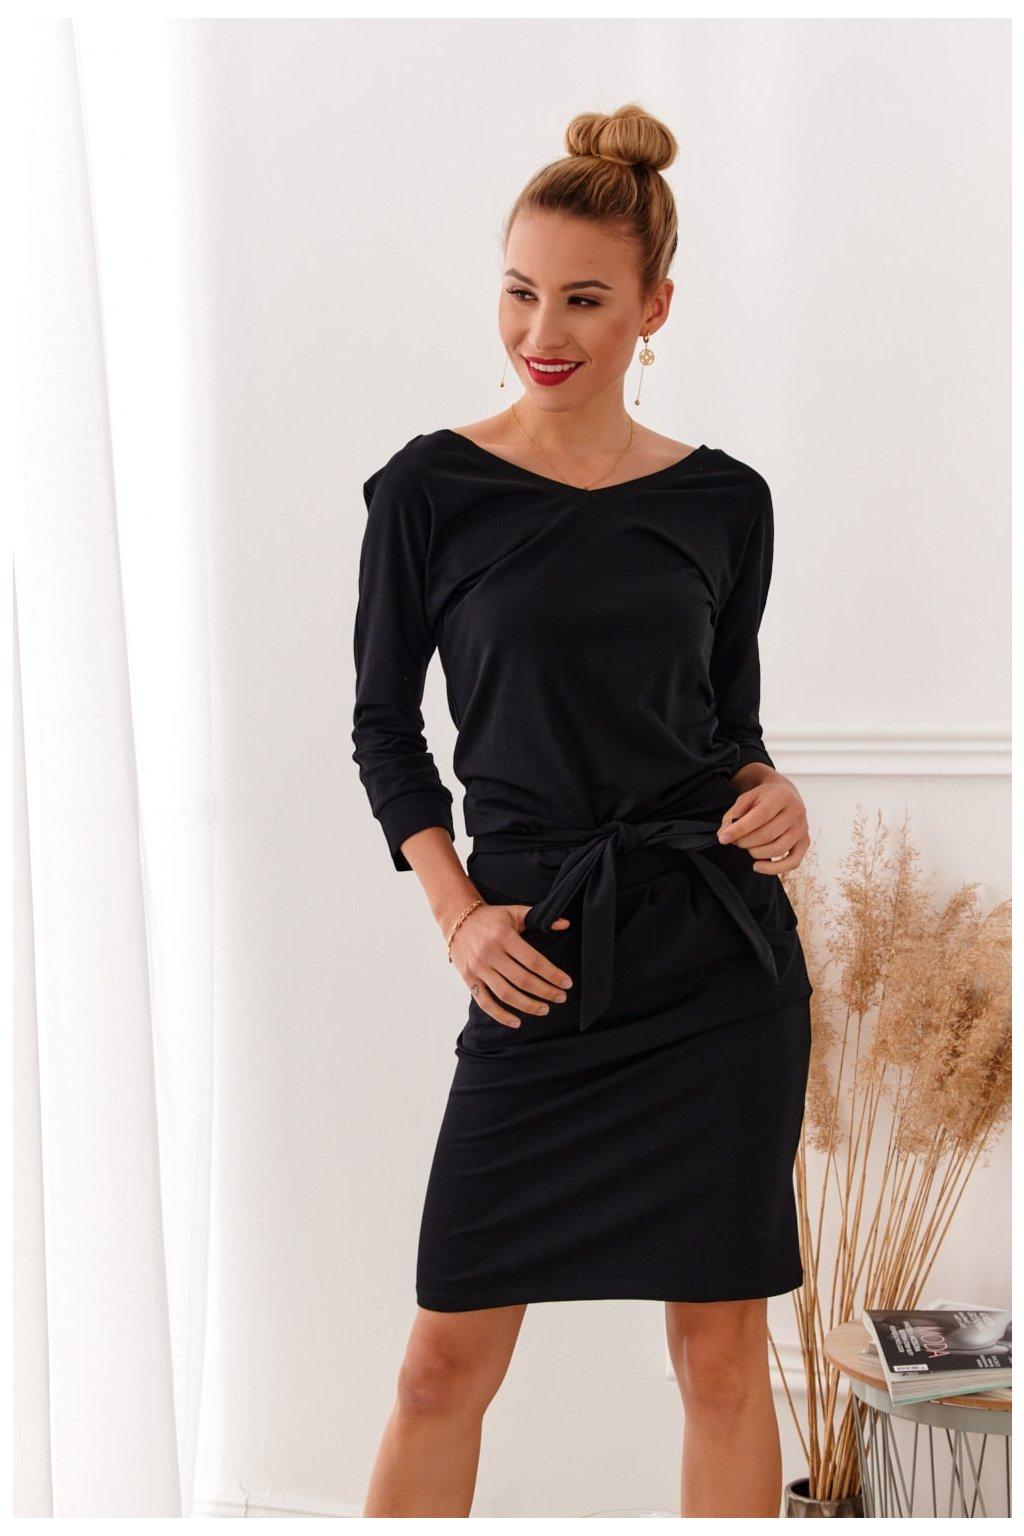 Šaty Fasardi s vázáním v pase černé